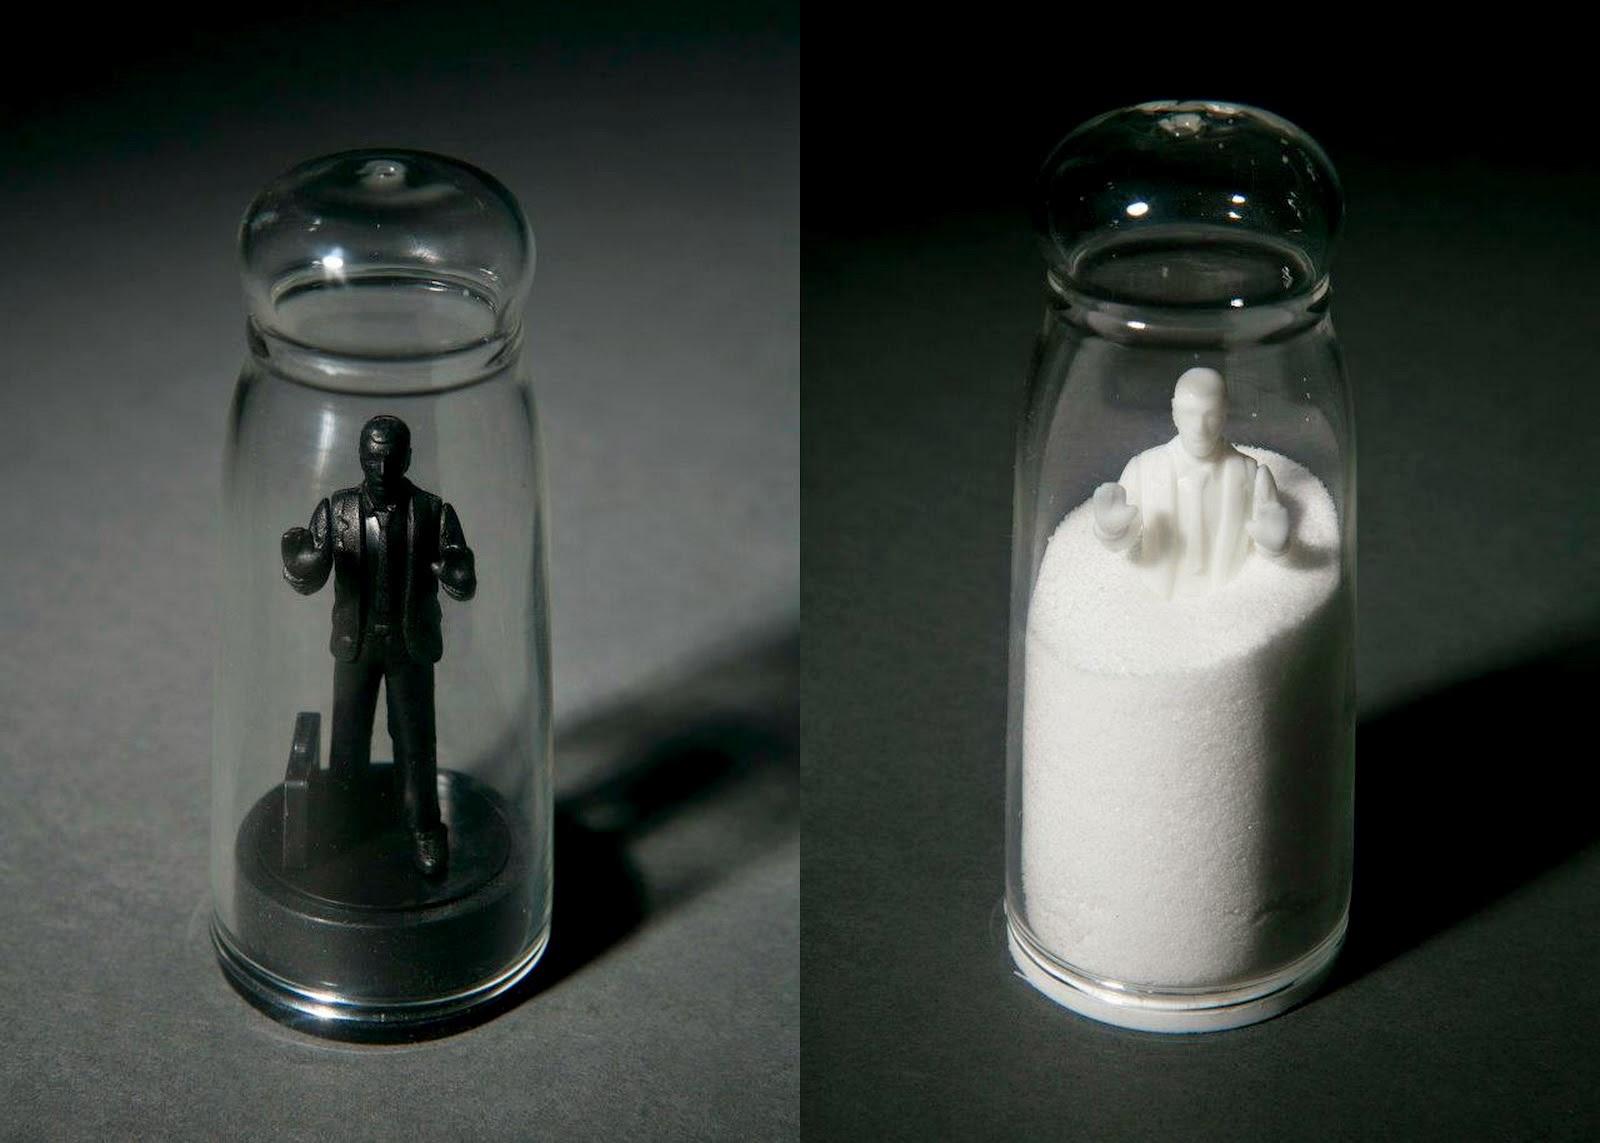 RETRO KIMMER'S BLOG: 11 COOL SALT AND PEPPER SHAKER SETS